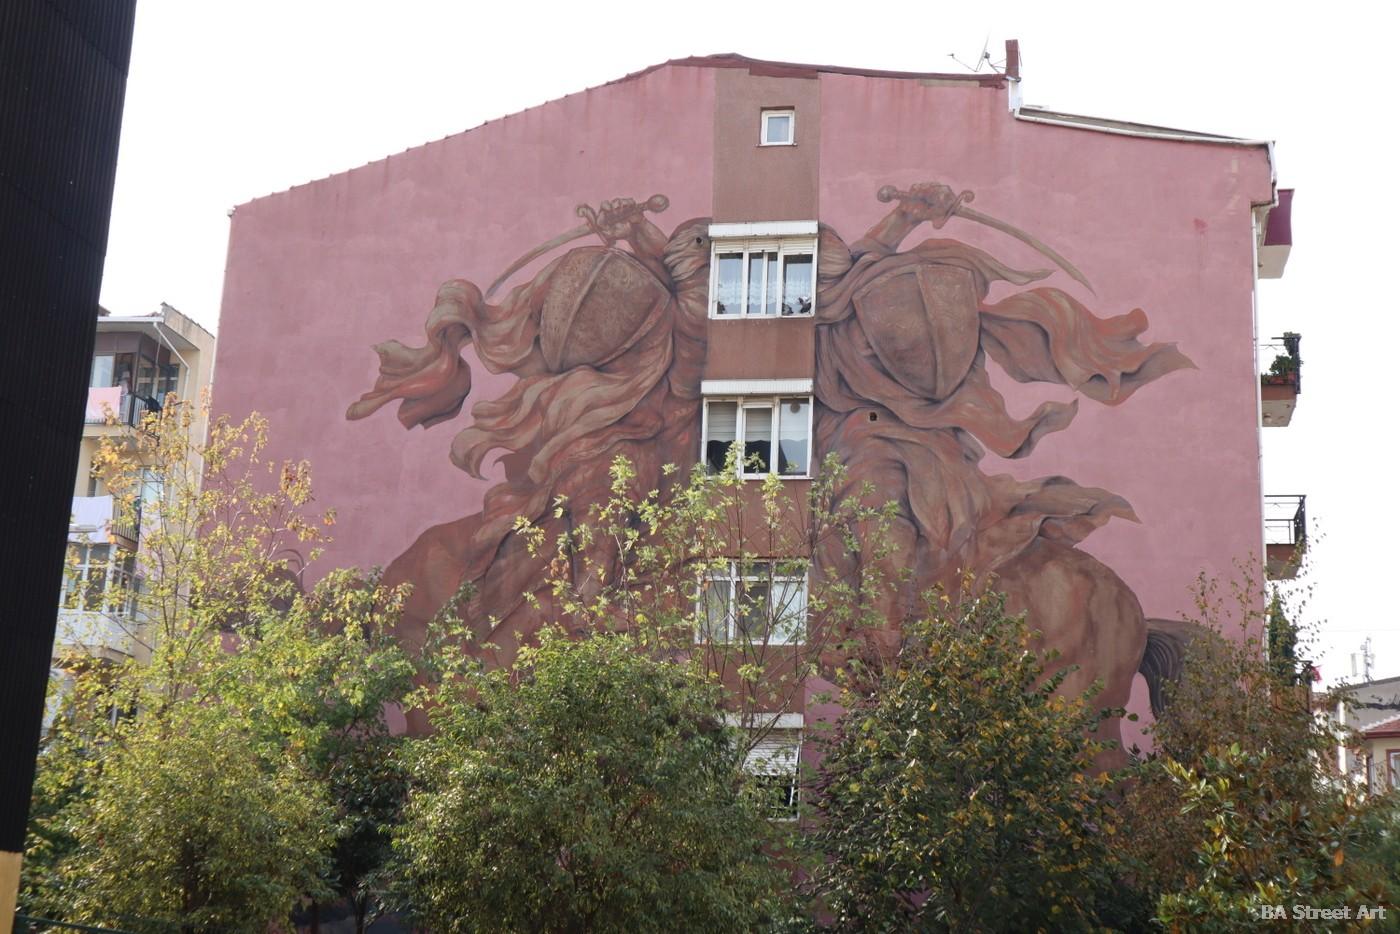 franco fasoli jaz istanbul mural turkey street art artista graffiti turquia